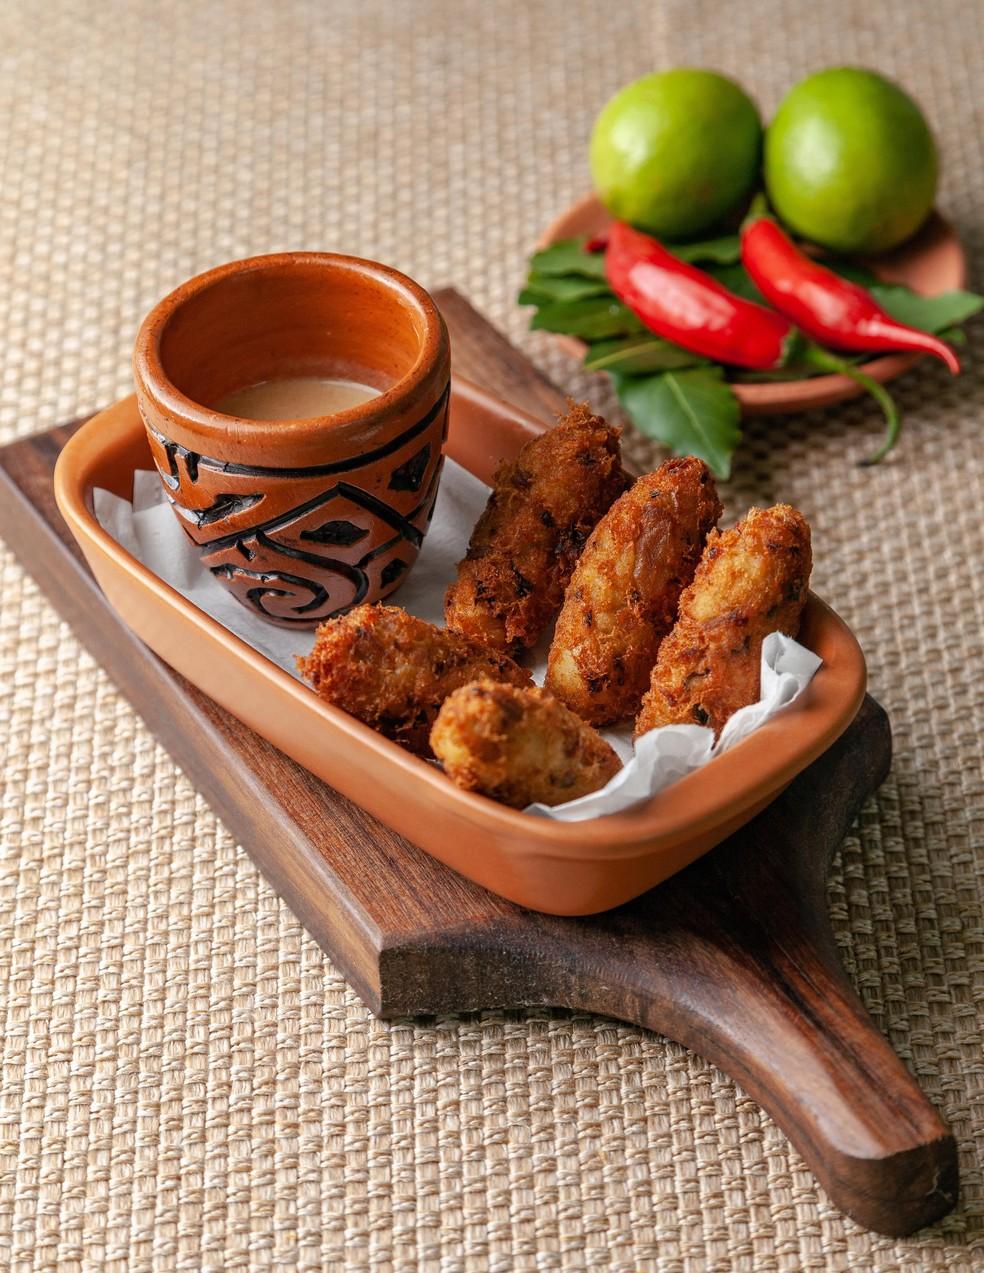 Bares participantes desenvolveram pratos exclusivos para o concurso — Foto: Koi Comunicação / Divulgação